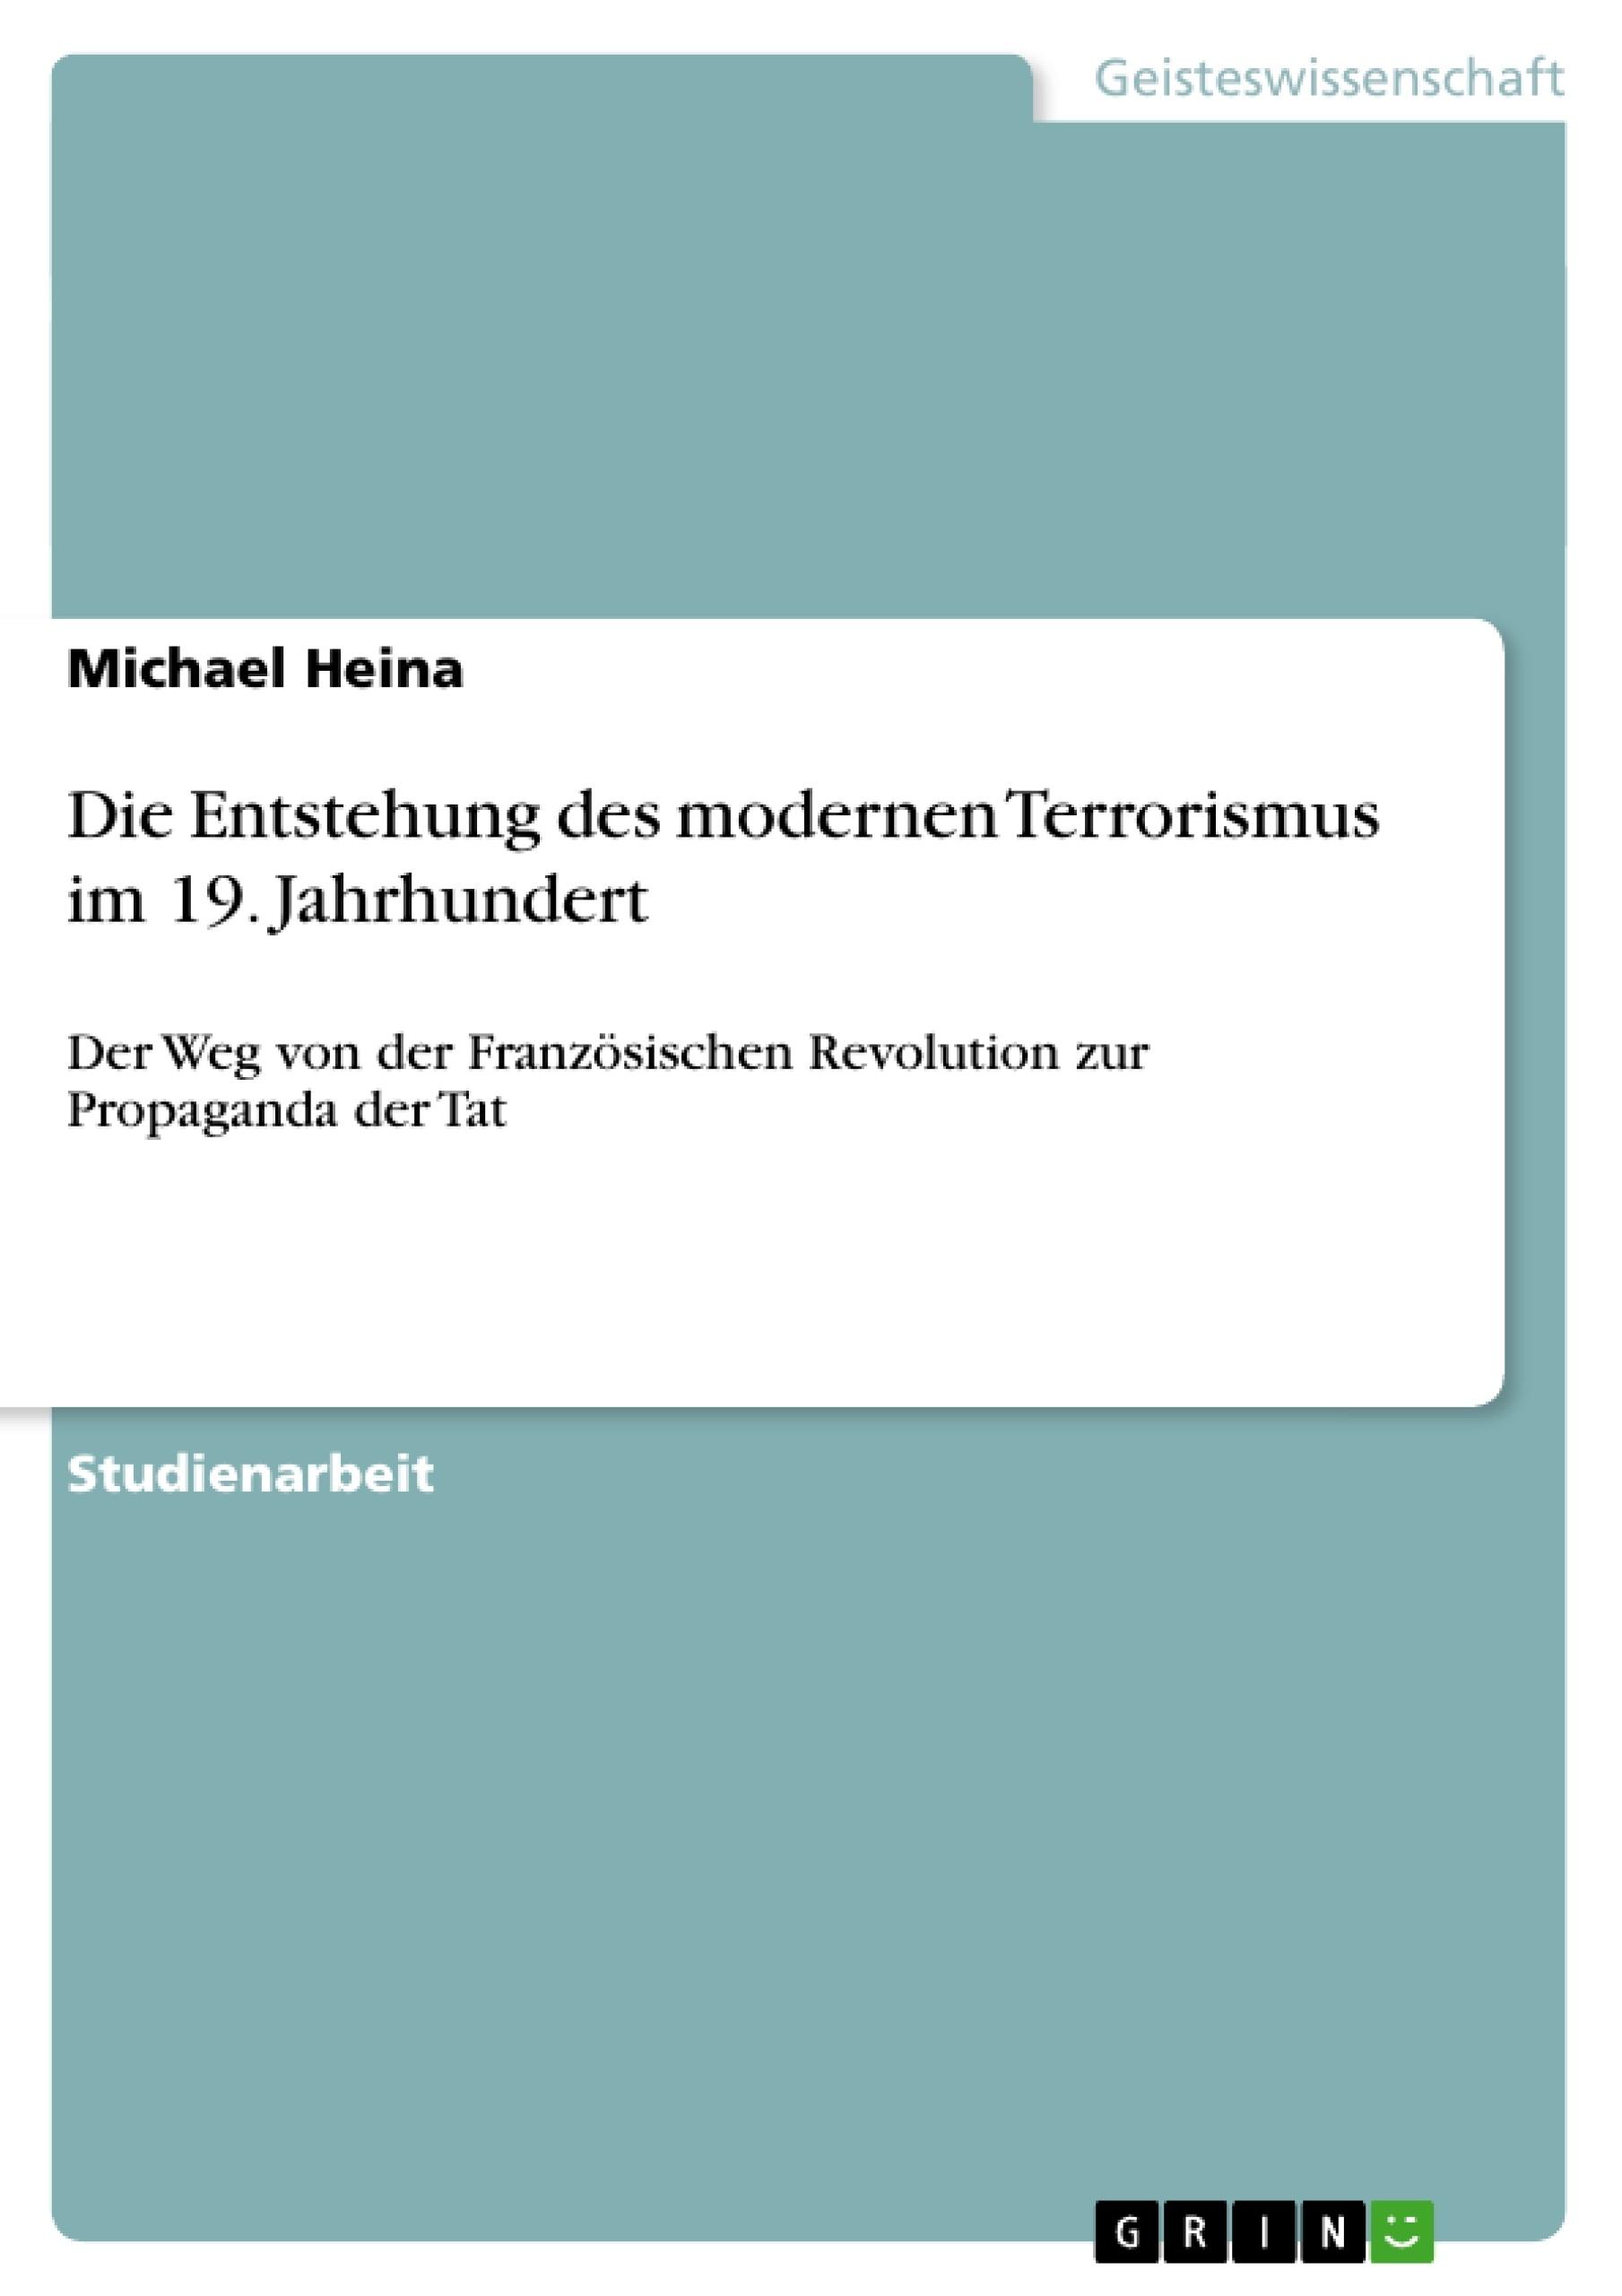 Titel: Die Entstehung des modernen Terrorismus im 19. Jahrhundert